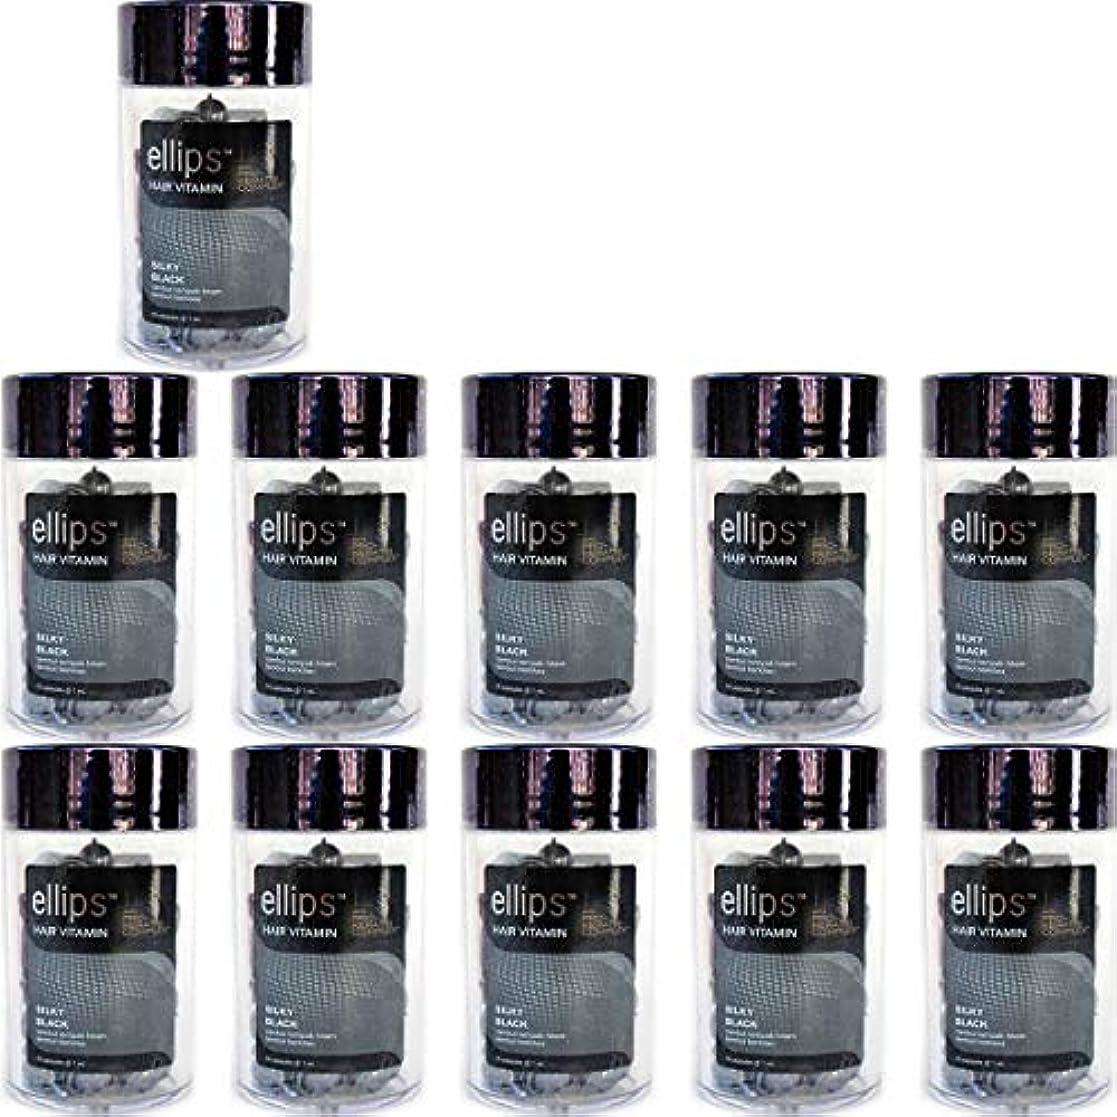 刃汚染する許されるellips エリプス ヘアビタミン ヘアオイル エリップス トリートメント プロケラチンシリーズ 50粒入ボトル ブラック 11個セット [海外直送品]